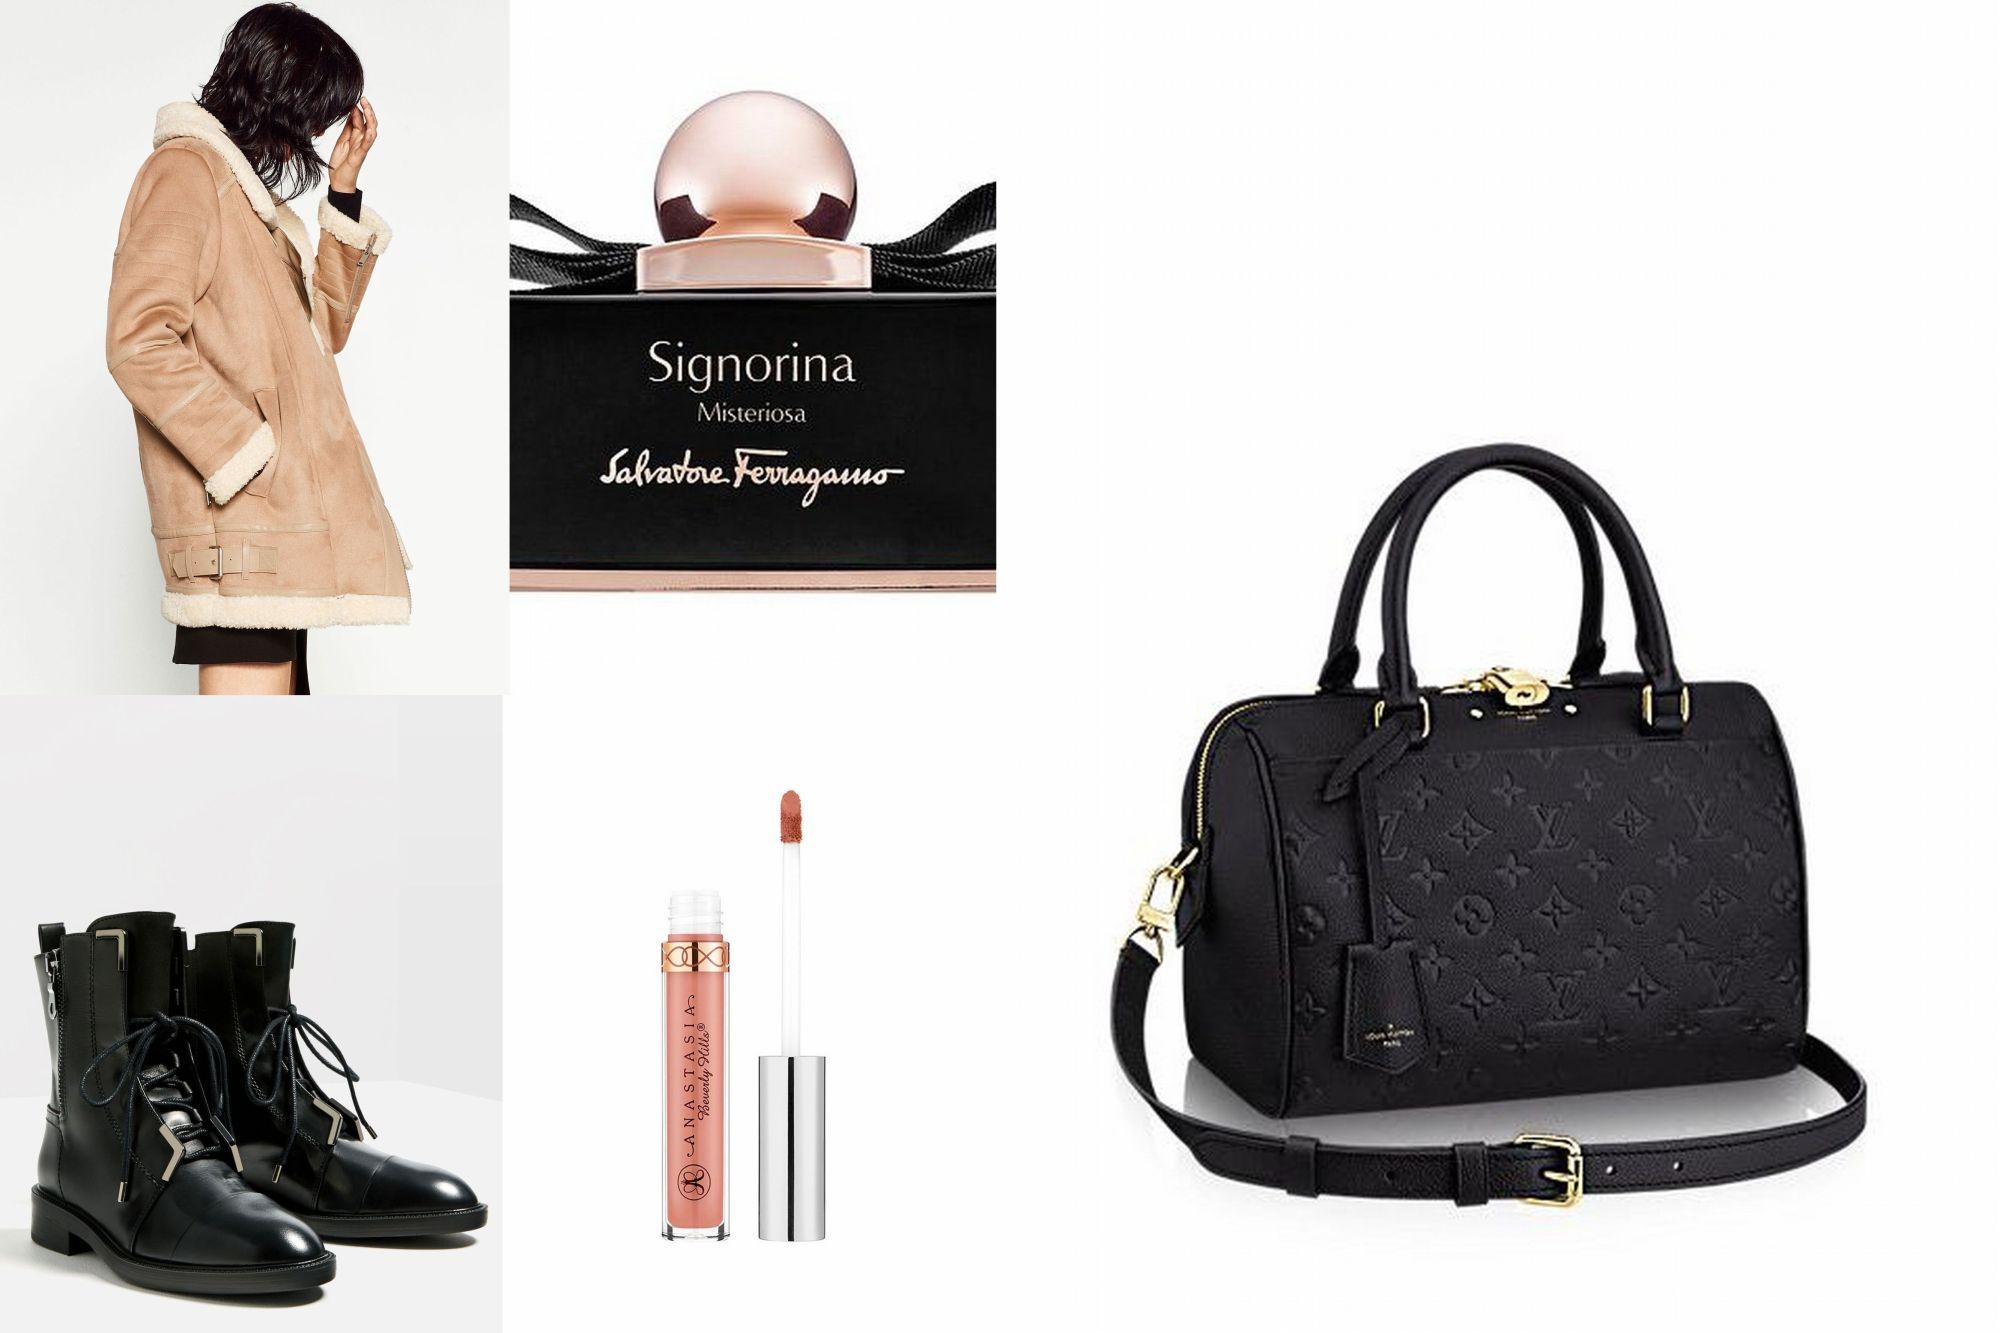 jesienne-trendy-w-mojej-garderobie-1